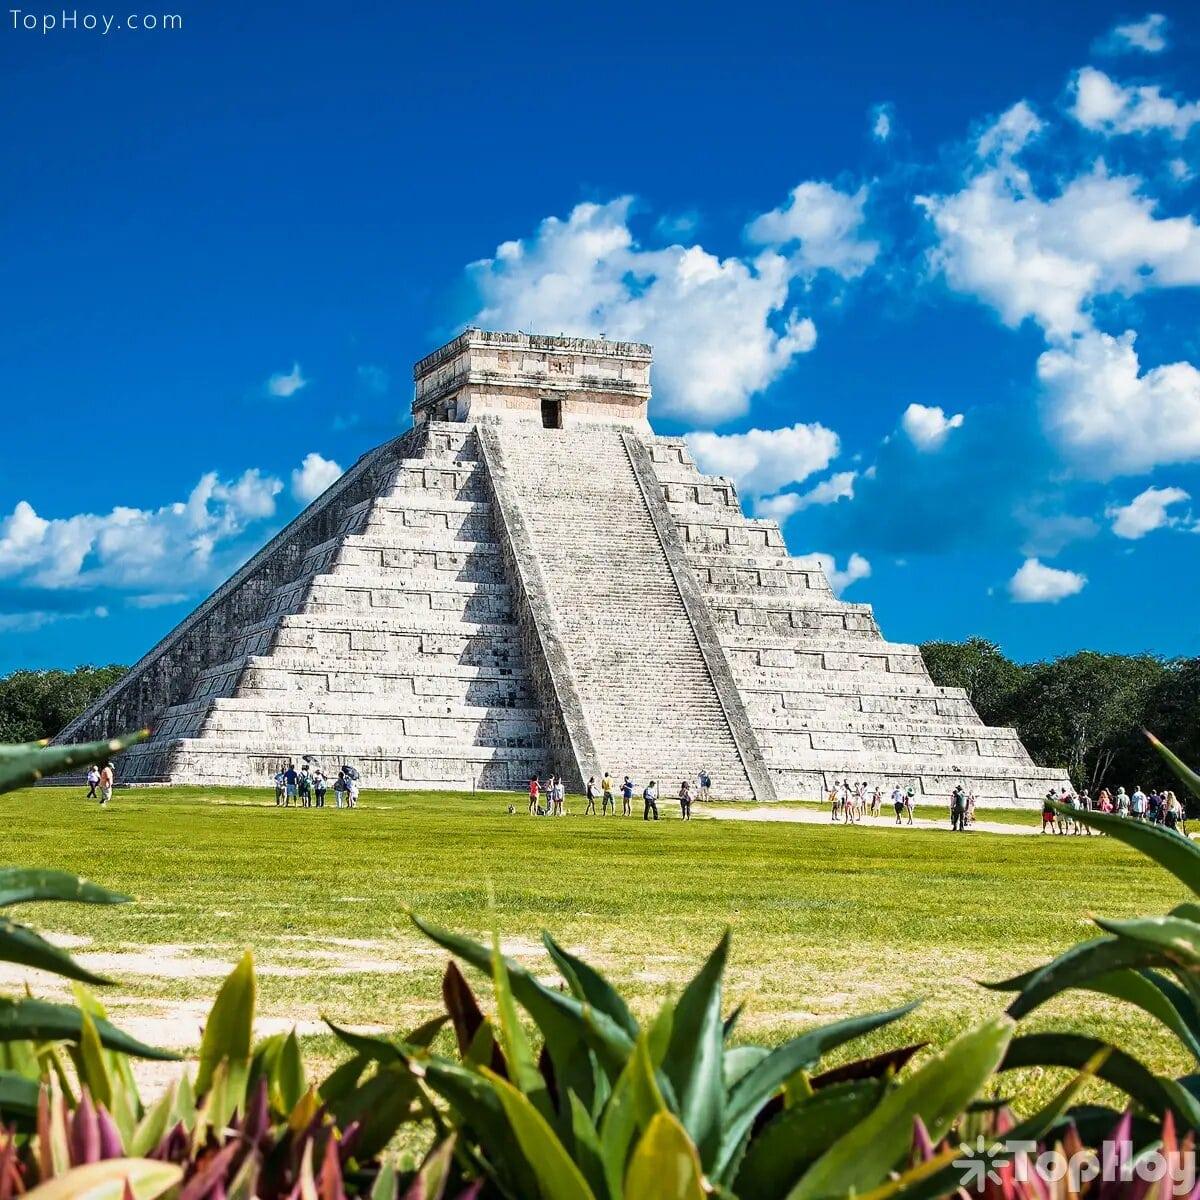 Ciudad Maya de Chichén Itzá, México